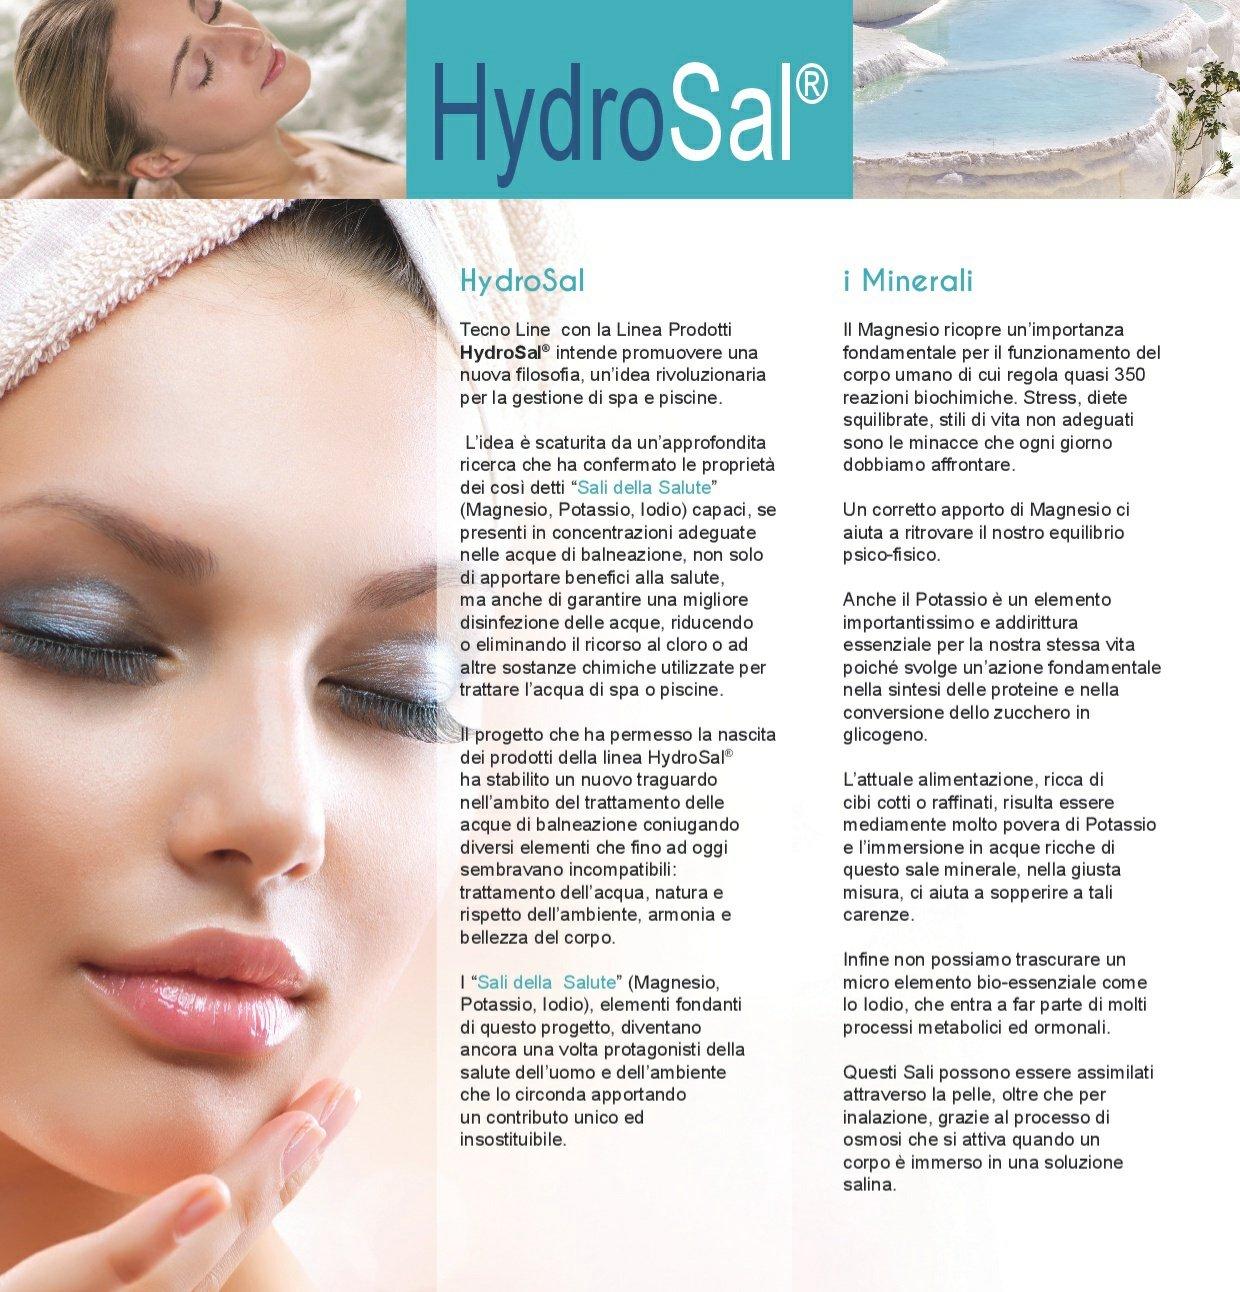 AquaSal es una mezcla de alta concentración de sales de magnesio, potasio y yodo de elevada actividad biológica que se añade al agua de piscinas, spas e ...